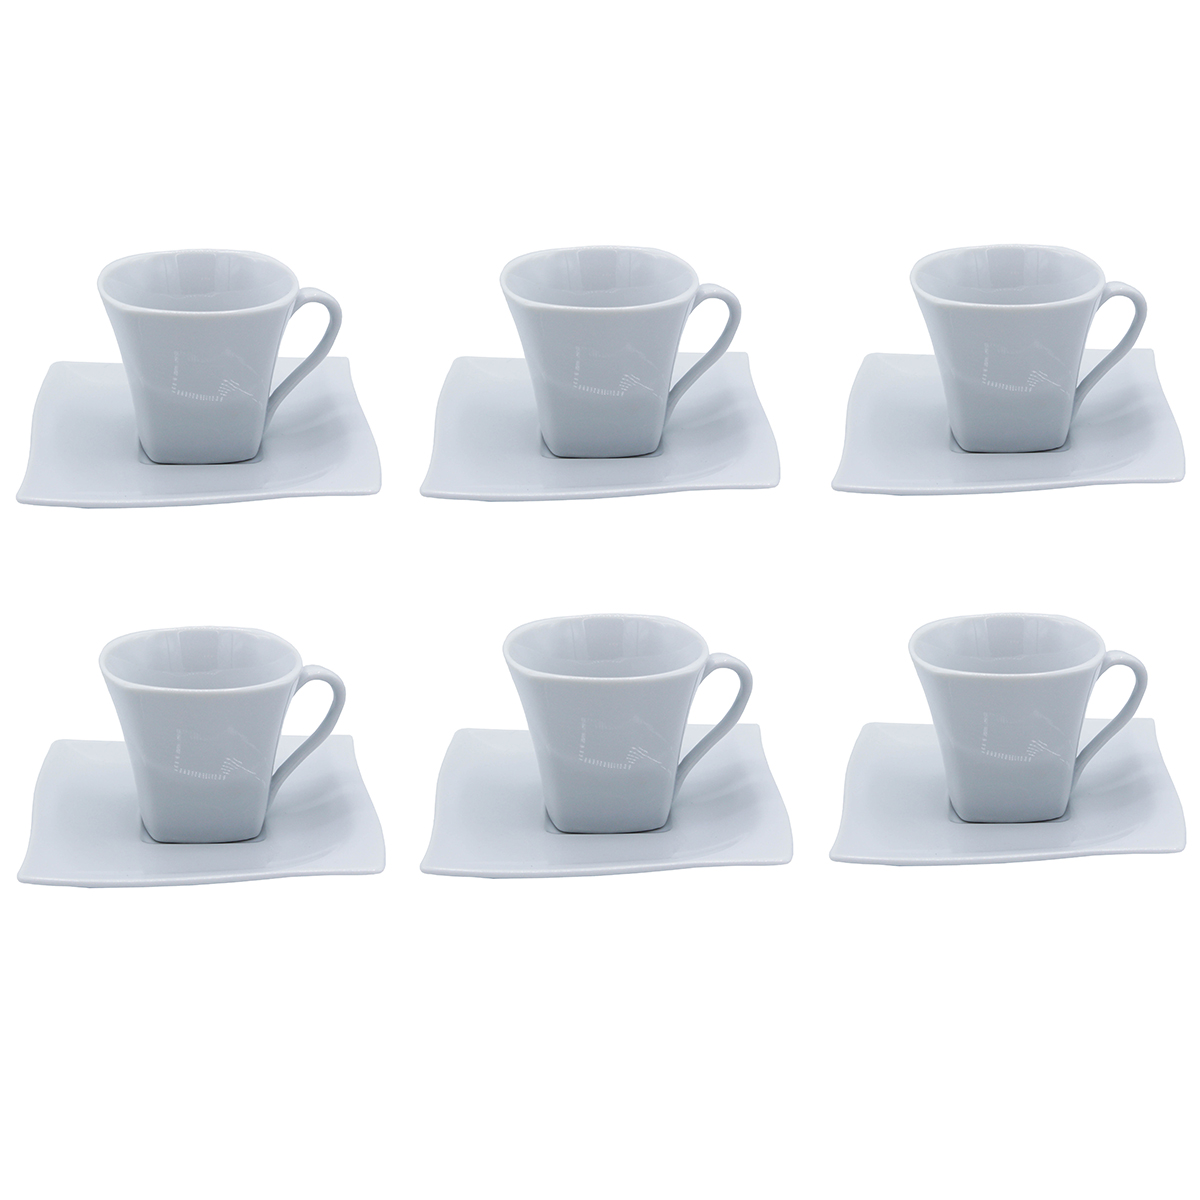 عکس سرویس چای خوری 12پارچه تقدیس مدل 292013